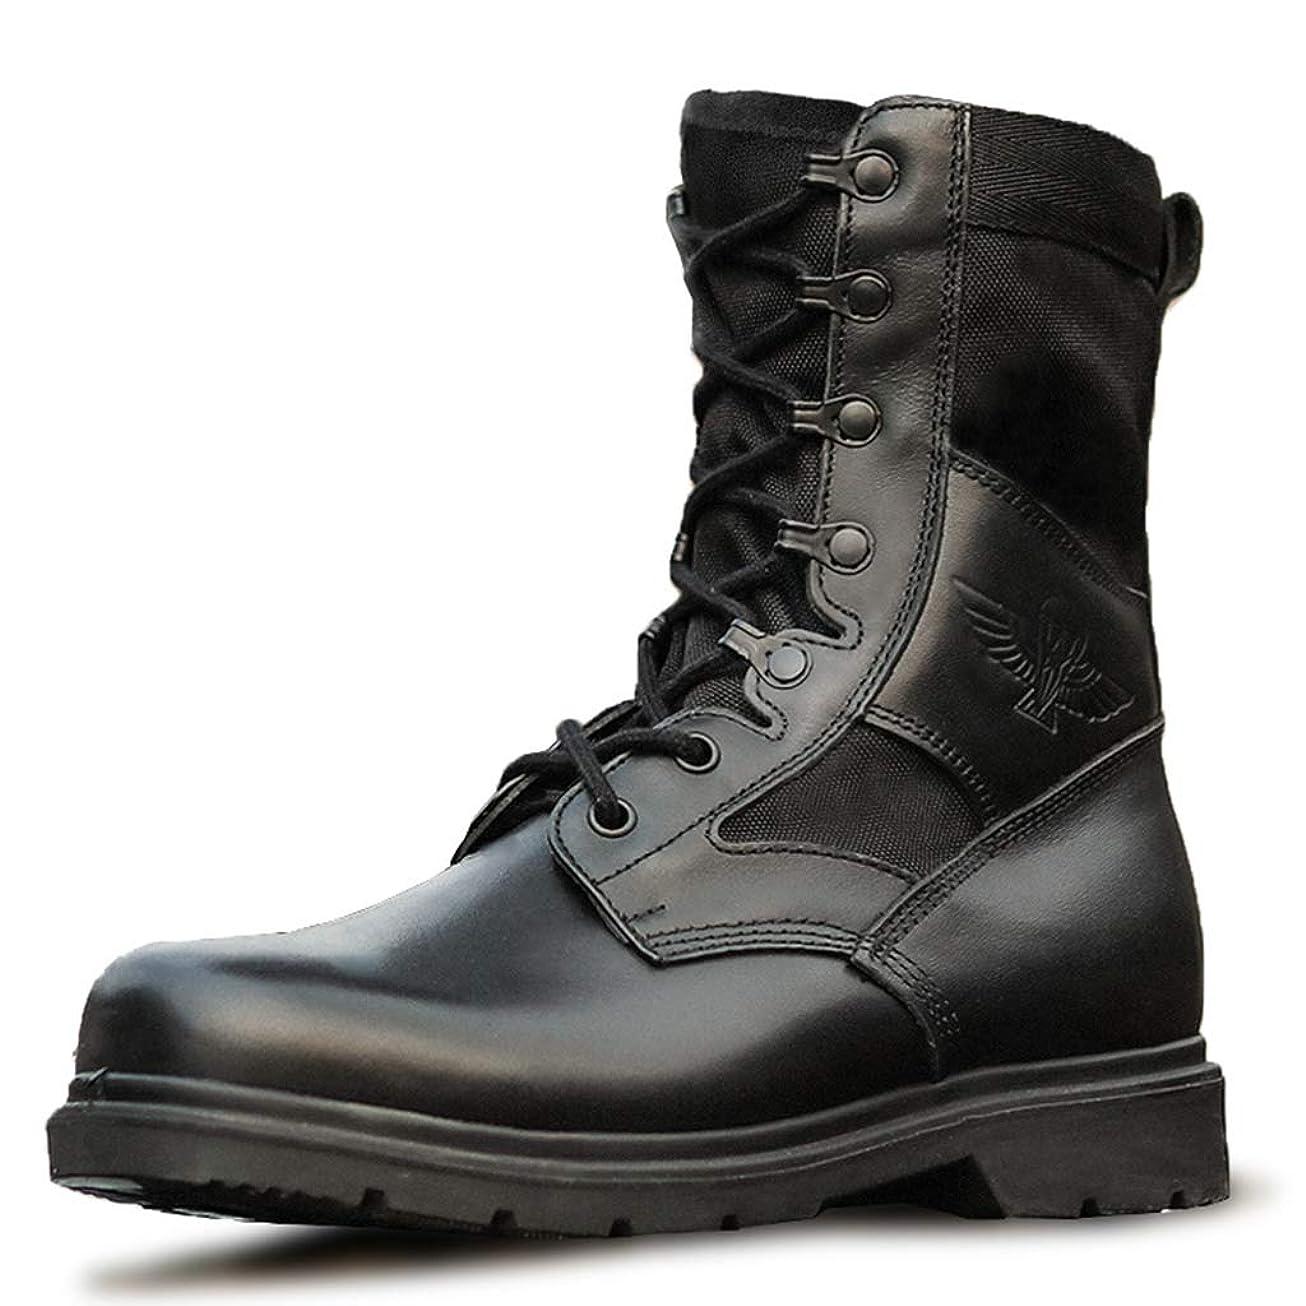 仮装解説自己メンズ ミリタリーブーツブラックレザーアウトドアデザート戦術的なブーツコンバットブーツアーミーパトロールブーツセキュリティ警察の靴